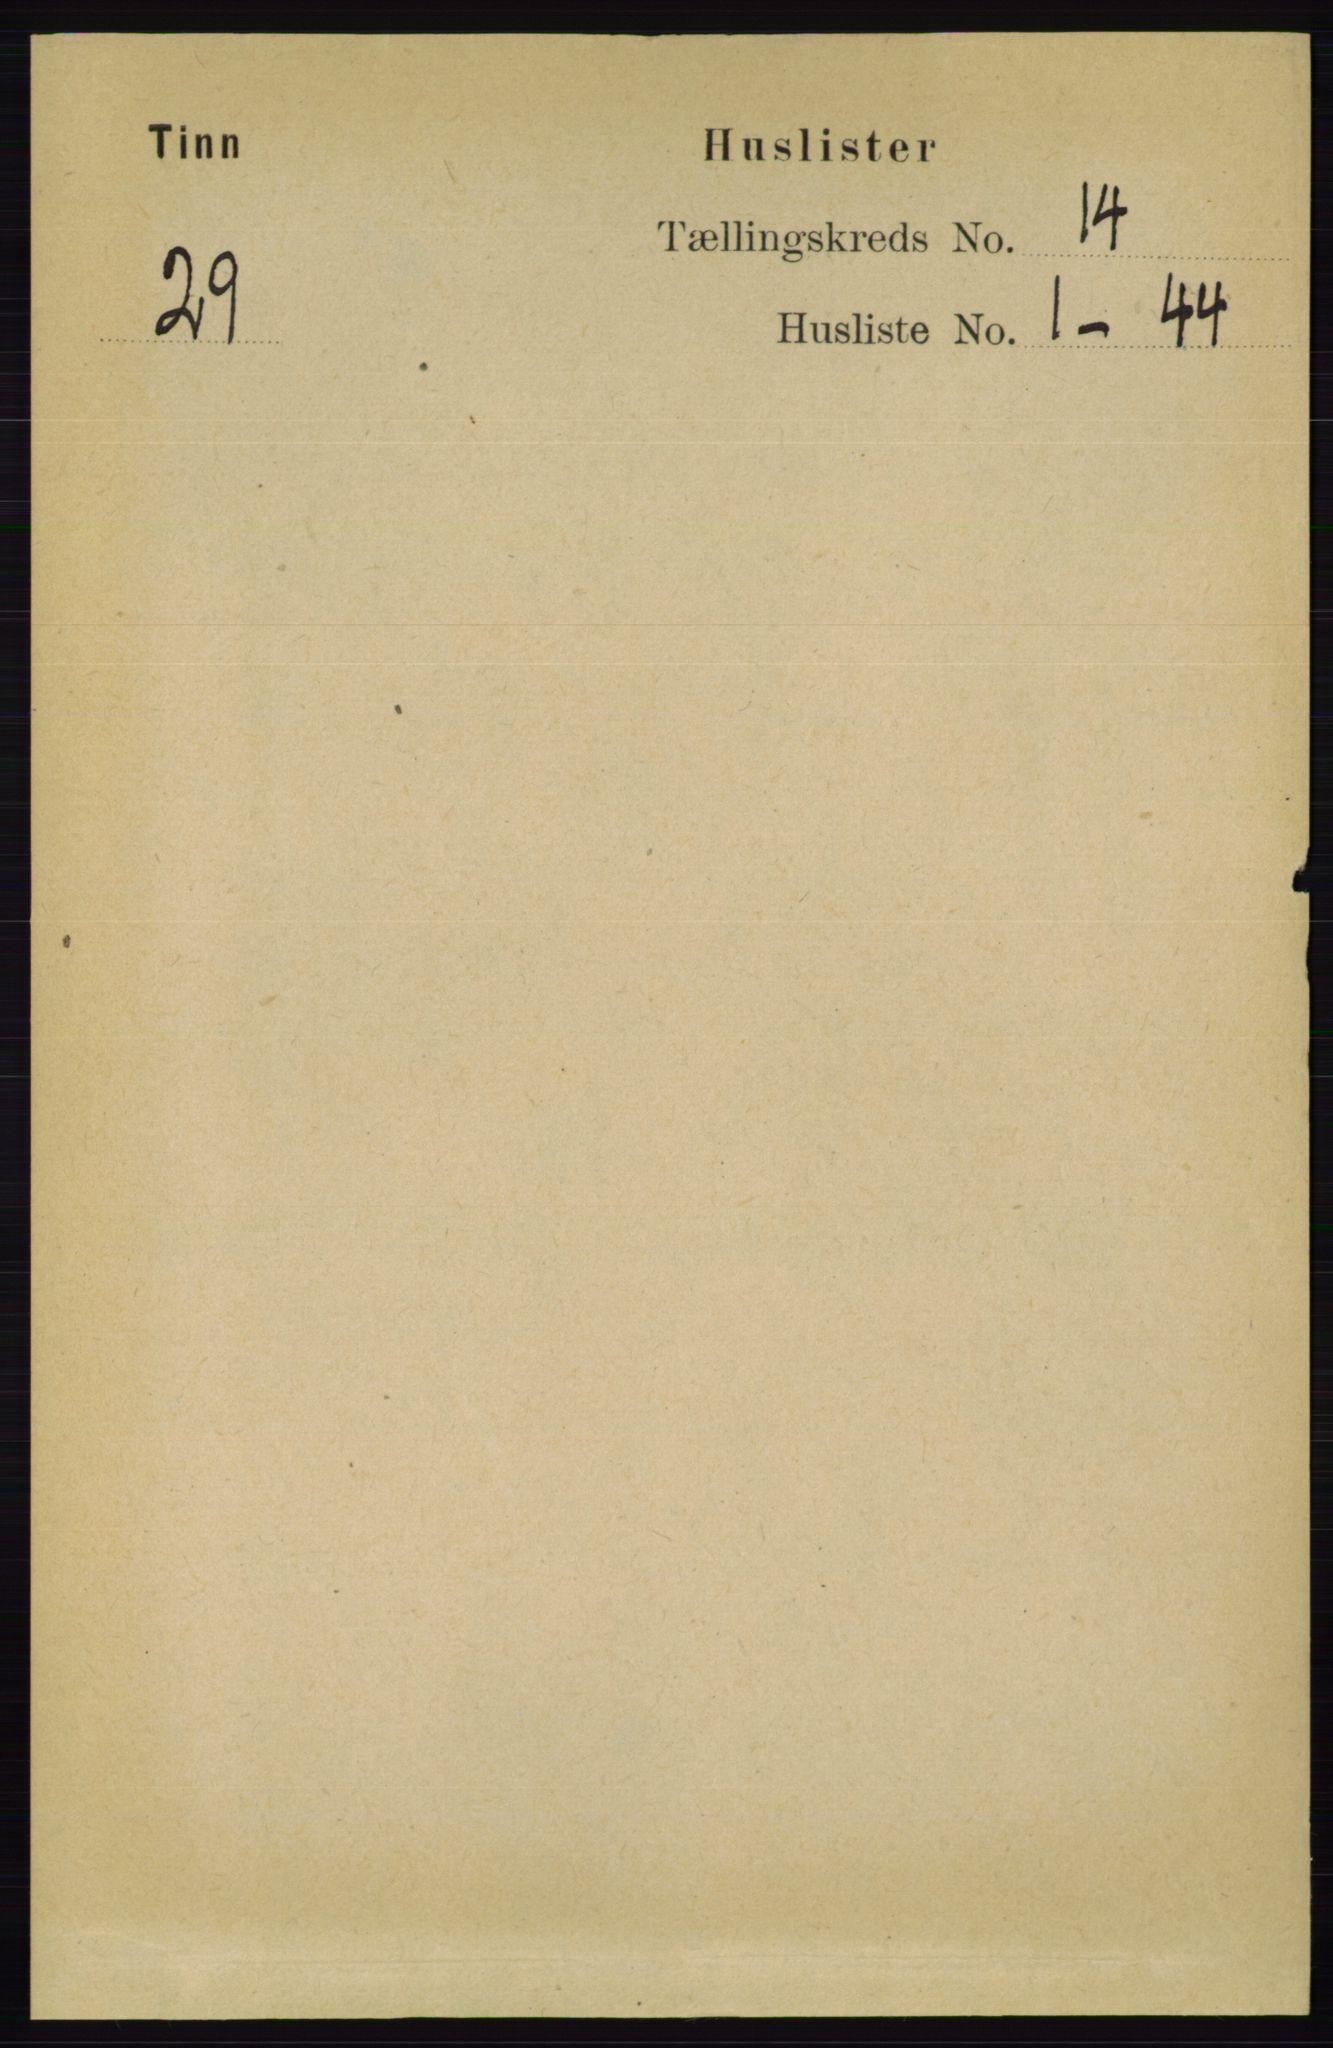 RA, Folketelling 1891 for 0826 Tinn herred, 1891, s. 2825